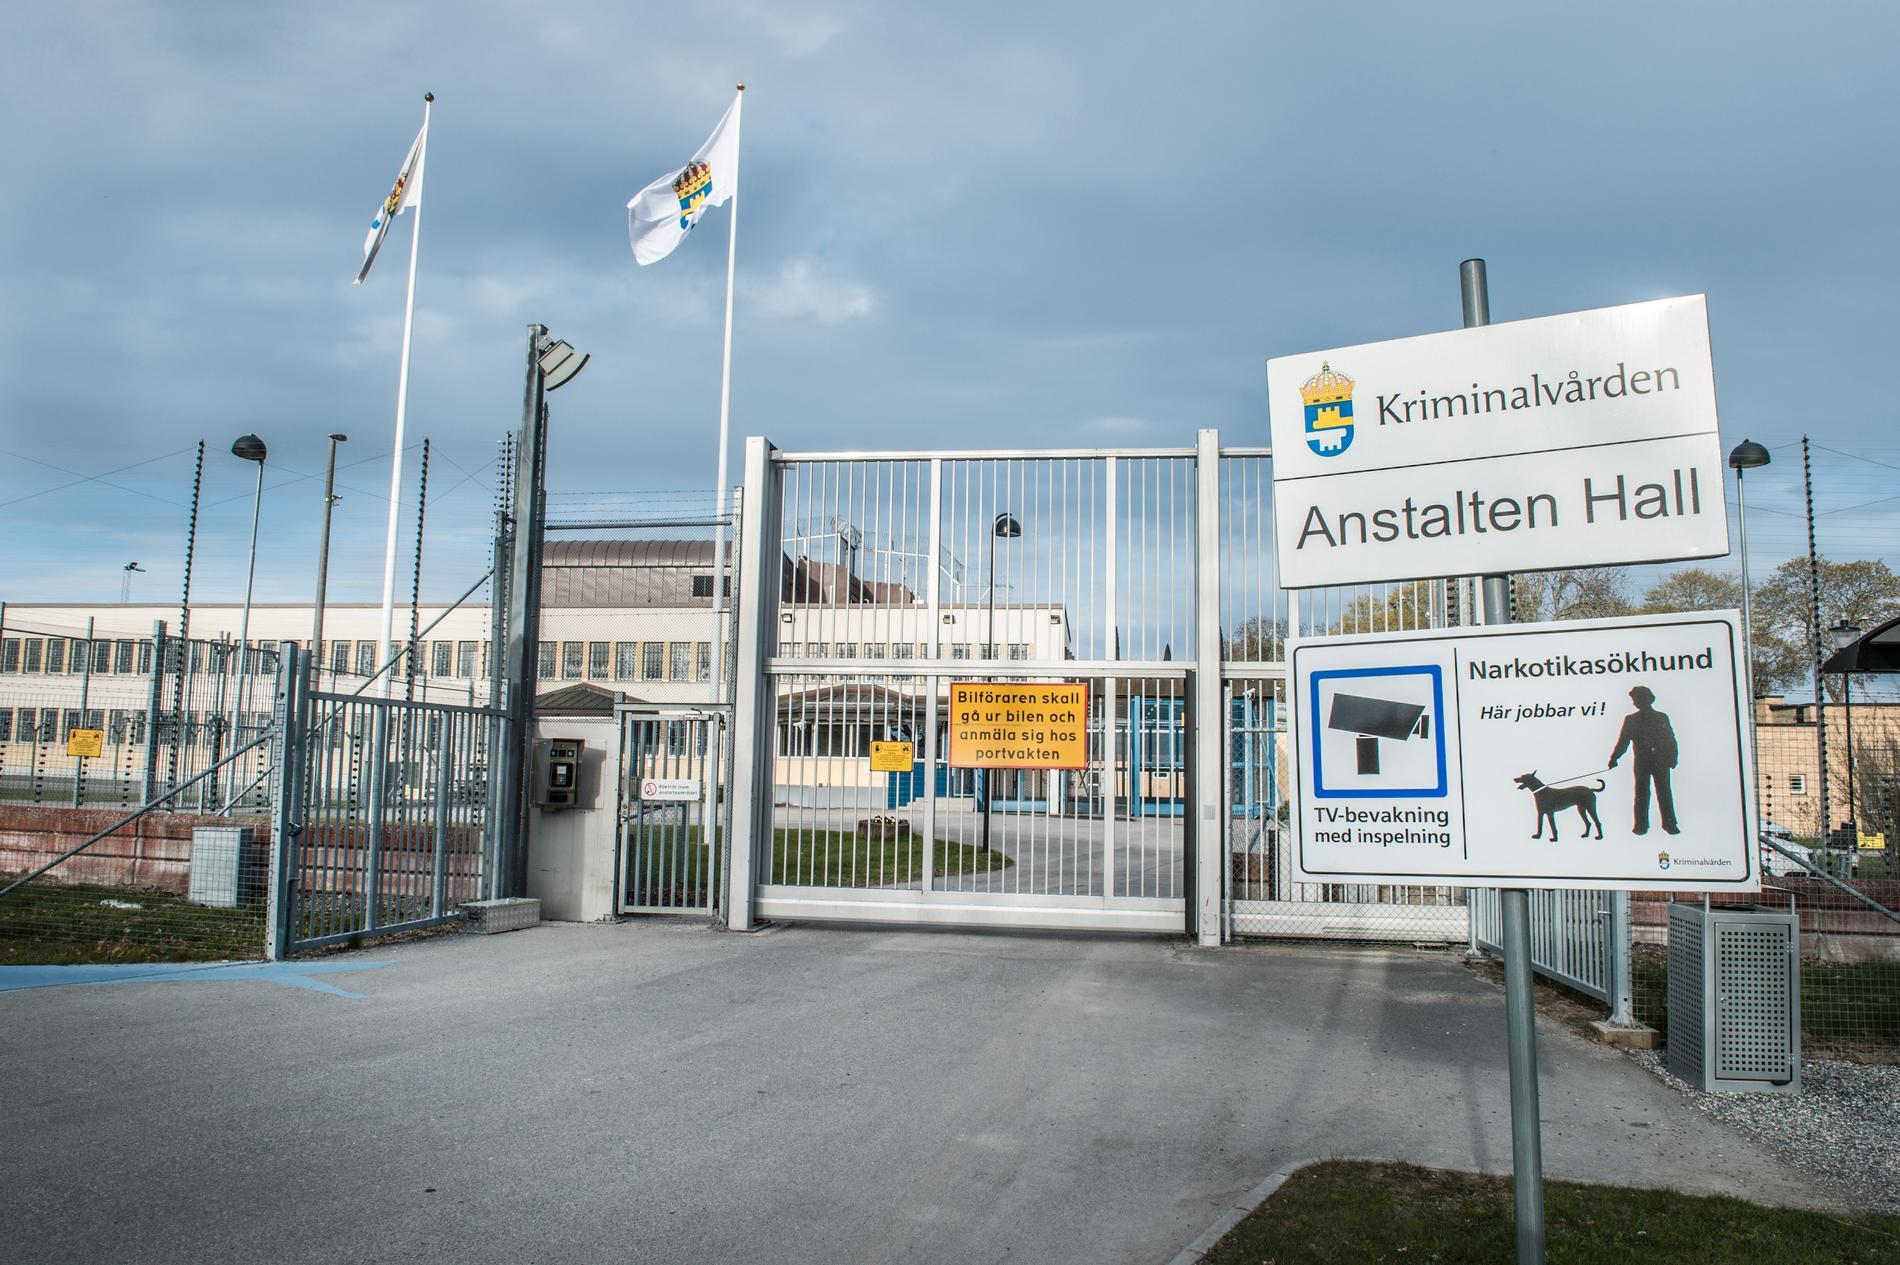 Sex fångar attackerade i lördags en annan fånge på anstalten Hall.